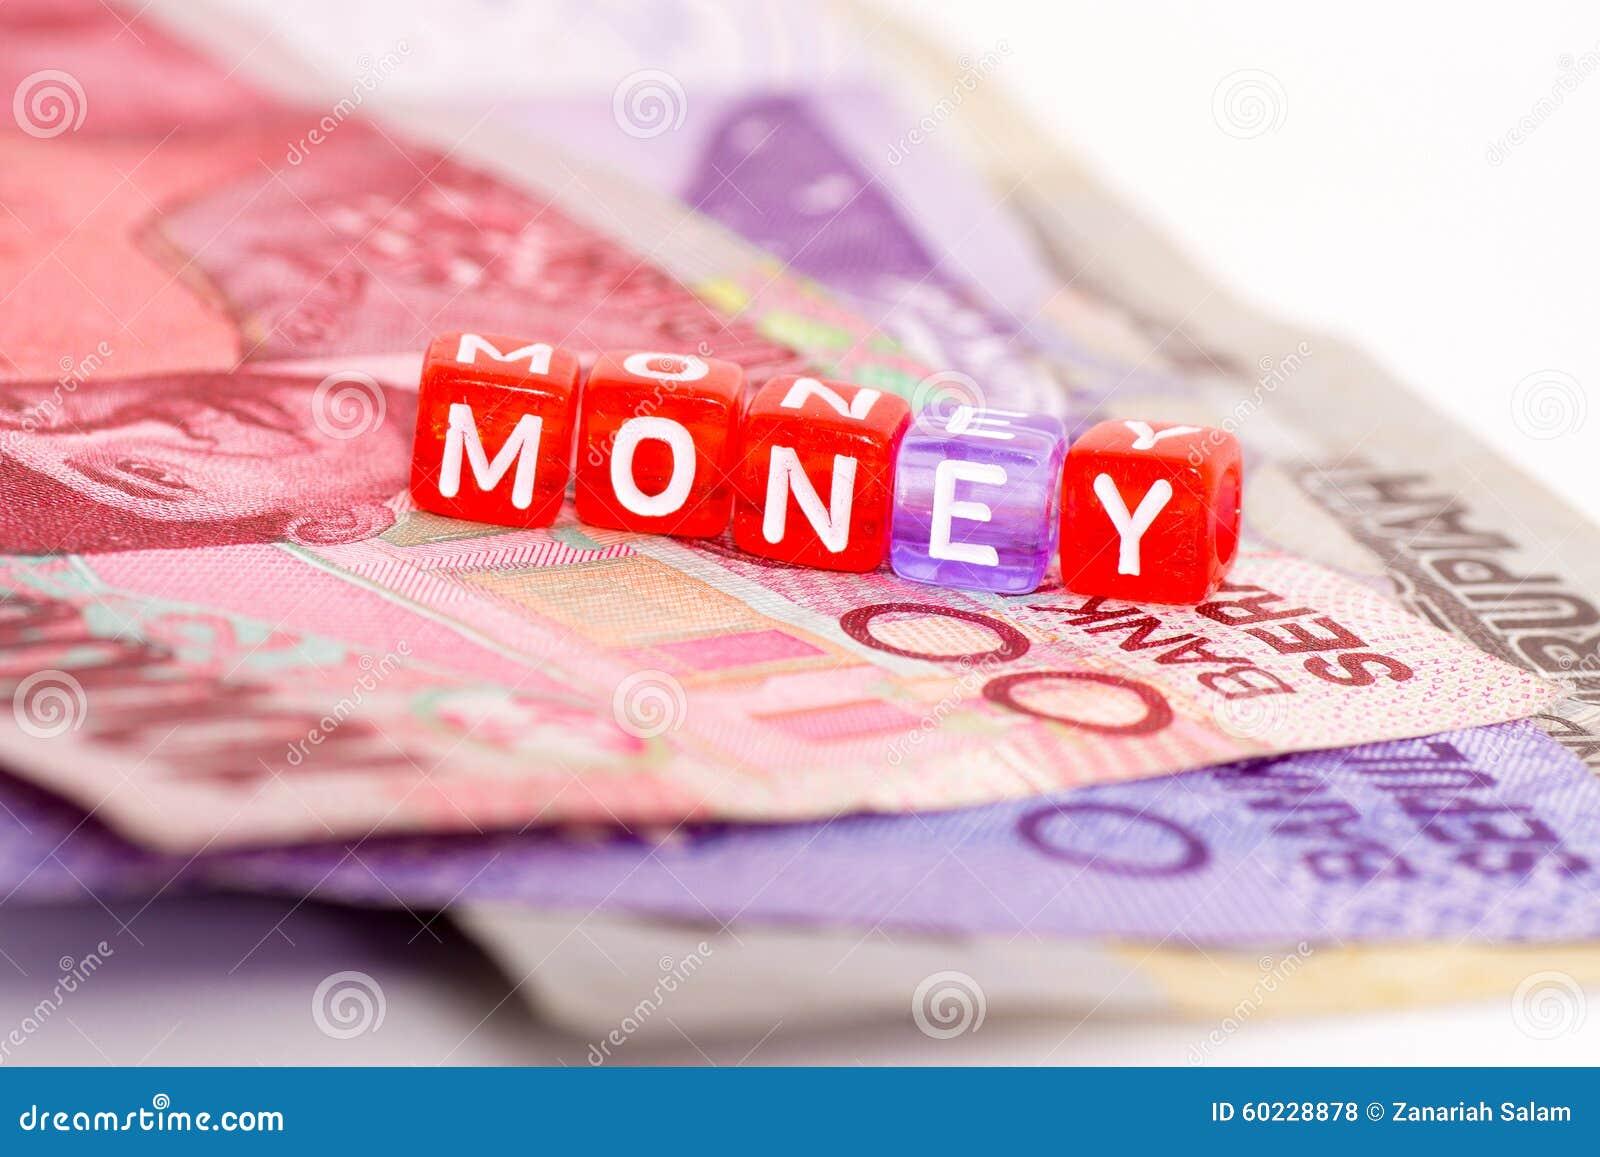 Concepto del dinero